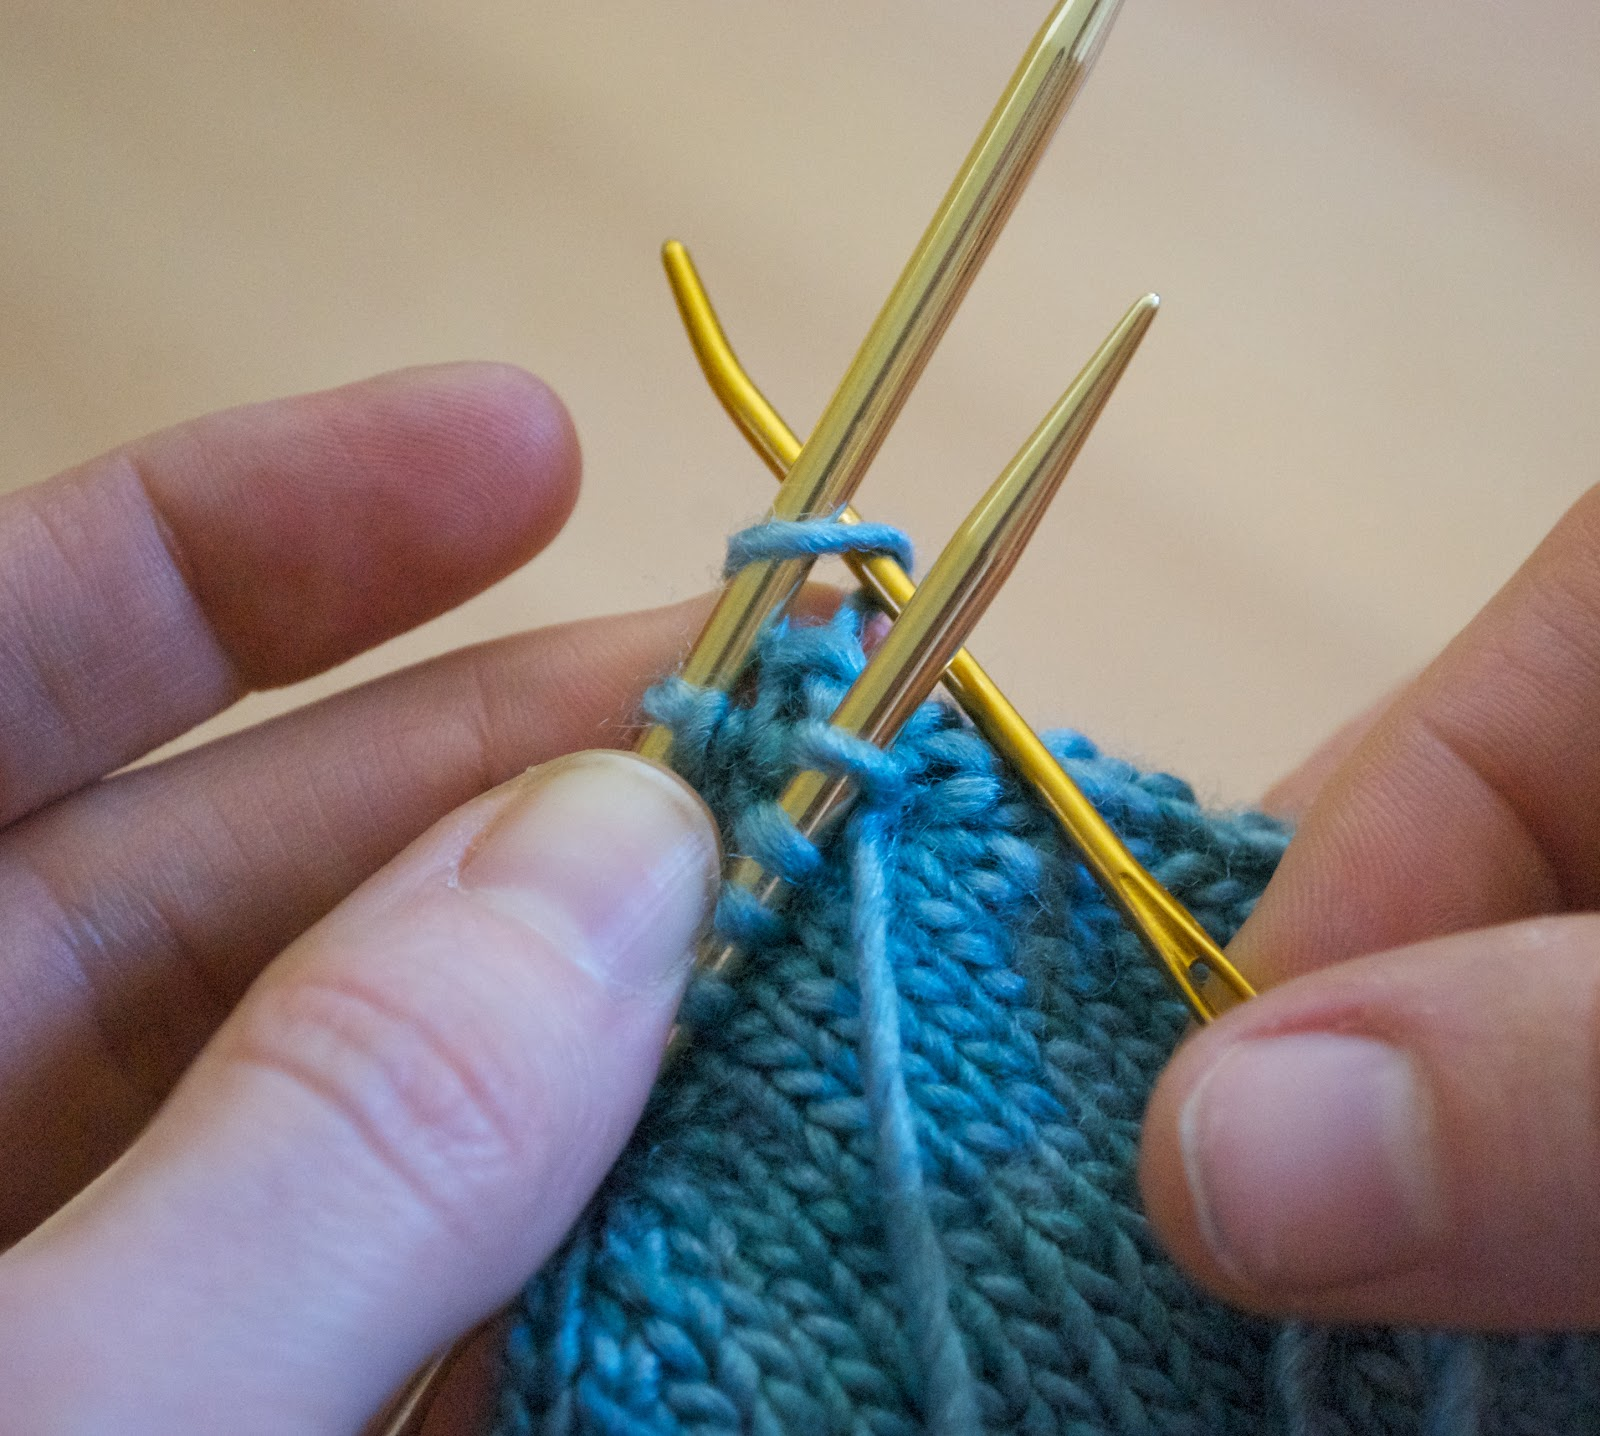 Knitting Kitchener Stitch Grafting : AndreaKnits: Grafting Using Kitchener Stitch